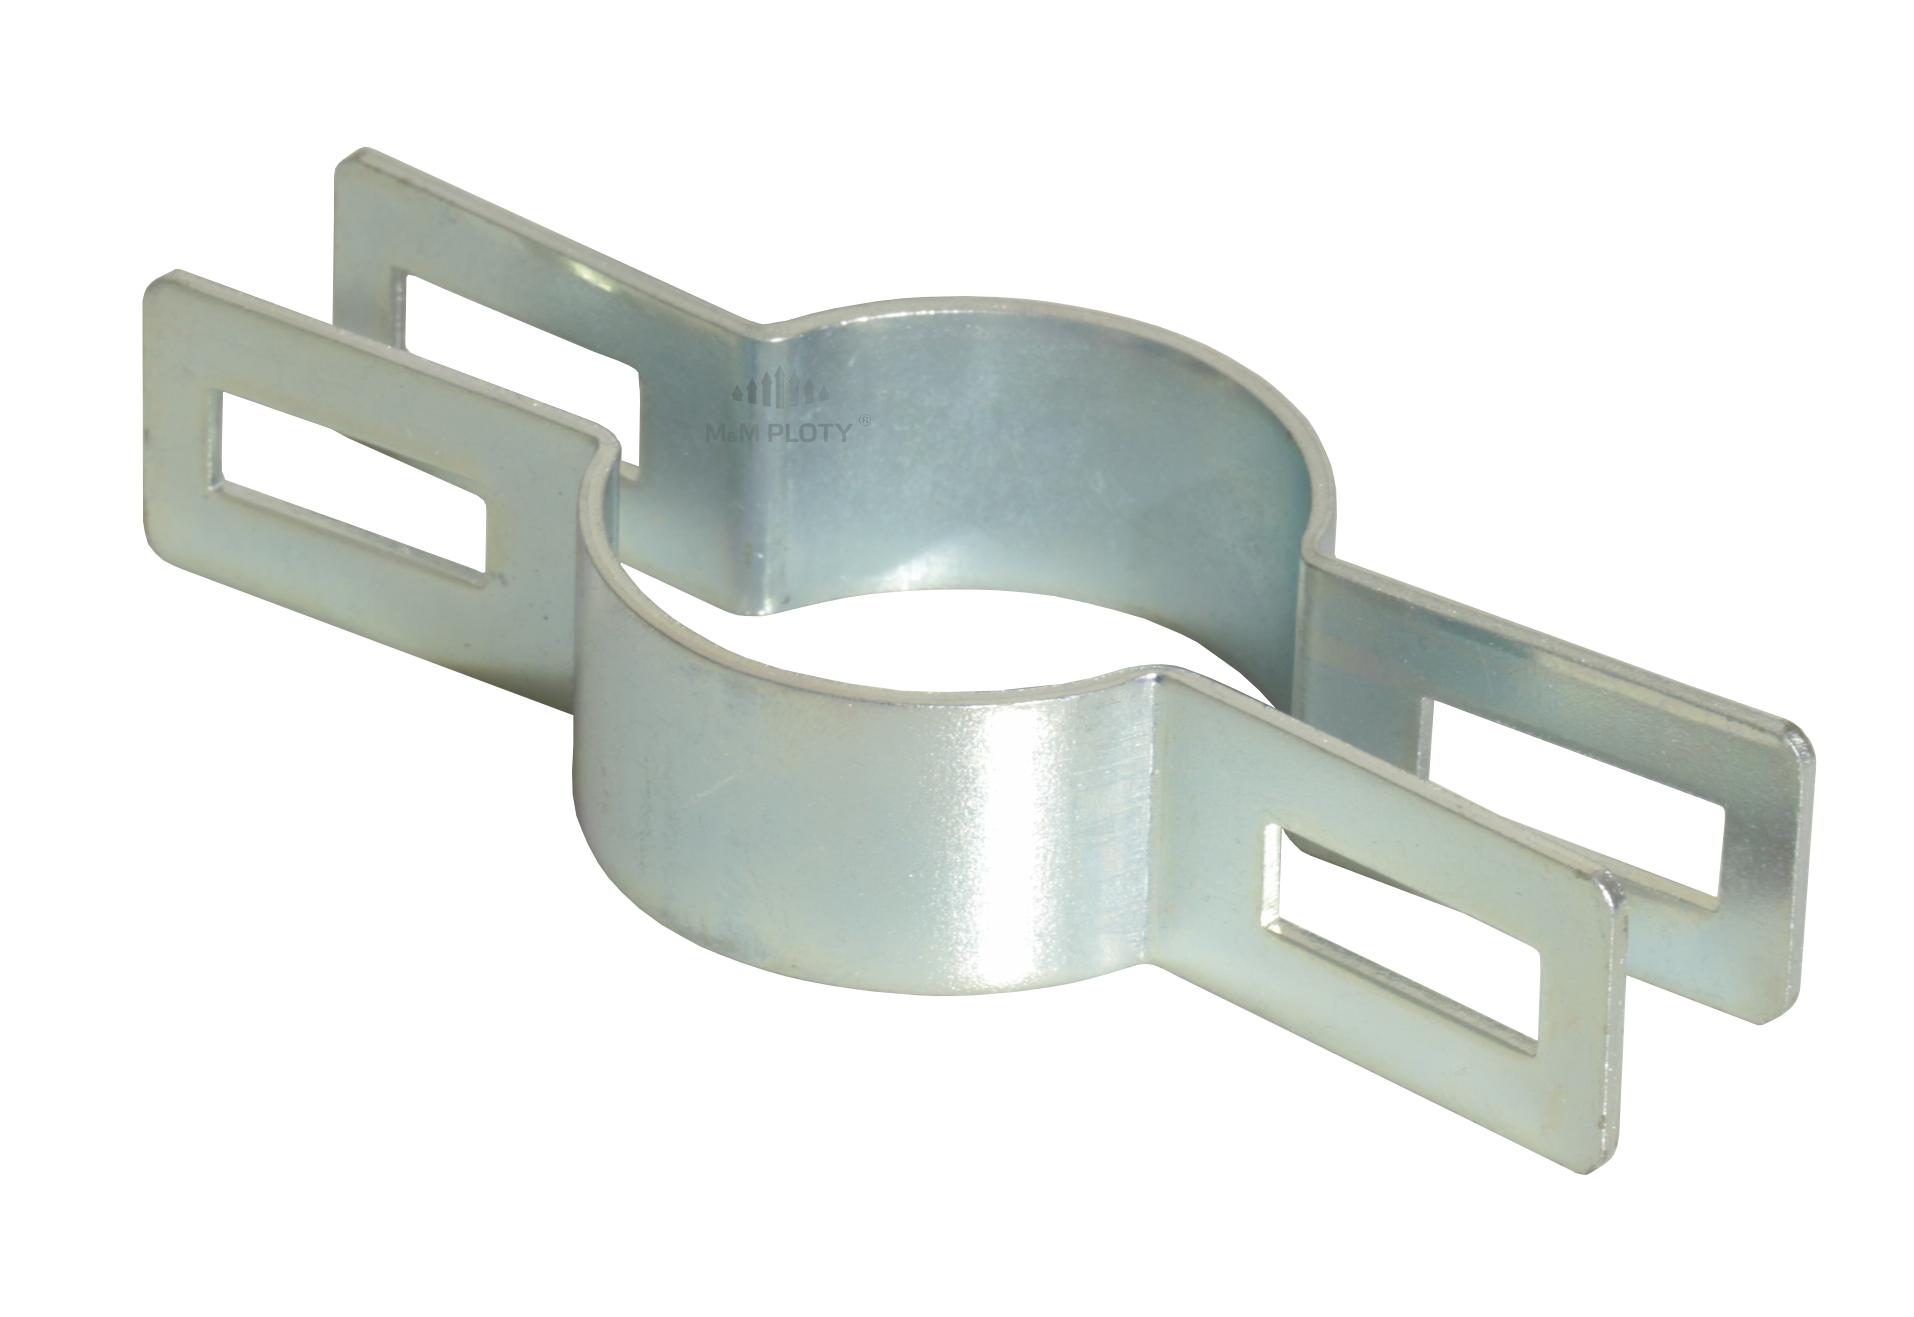 Objímka plotového panelu pro sloupek 60 mm, průběžná, Zn